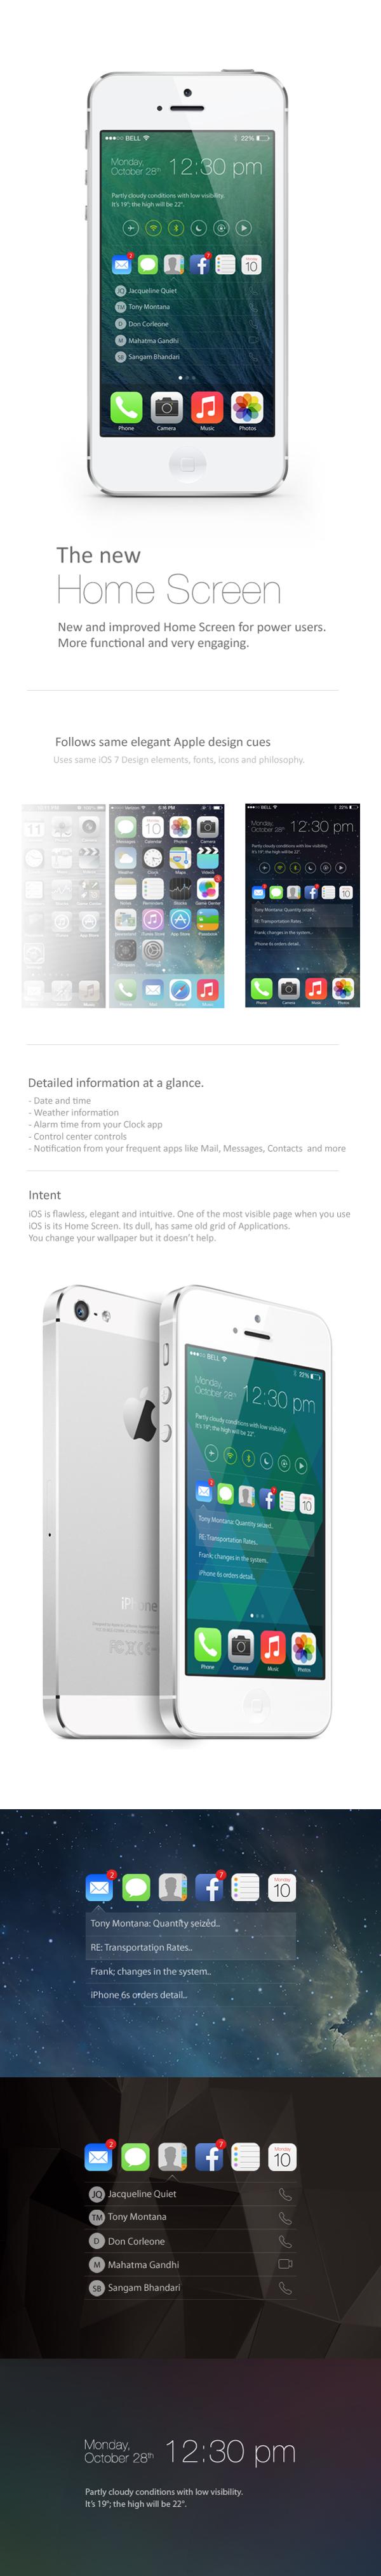 iOS-8-home-screen-concept